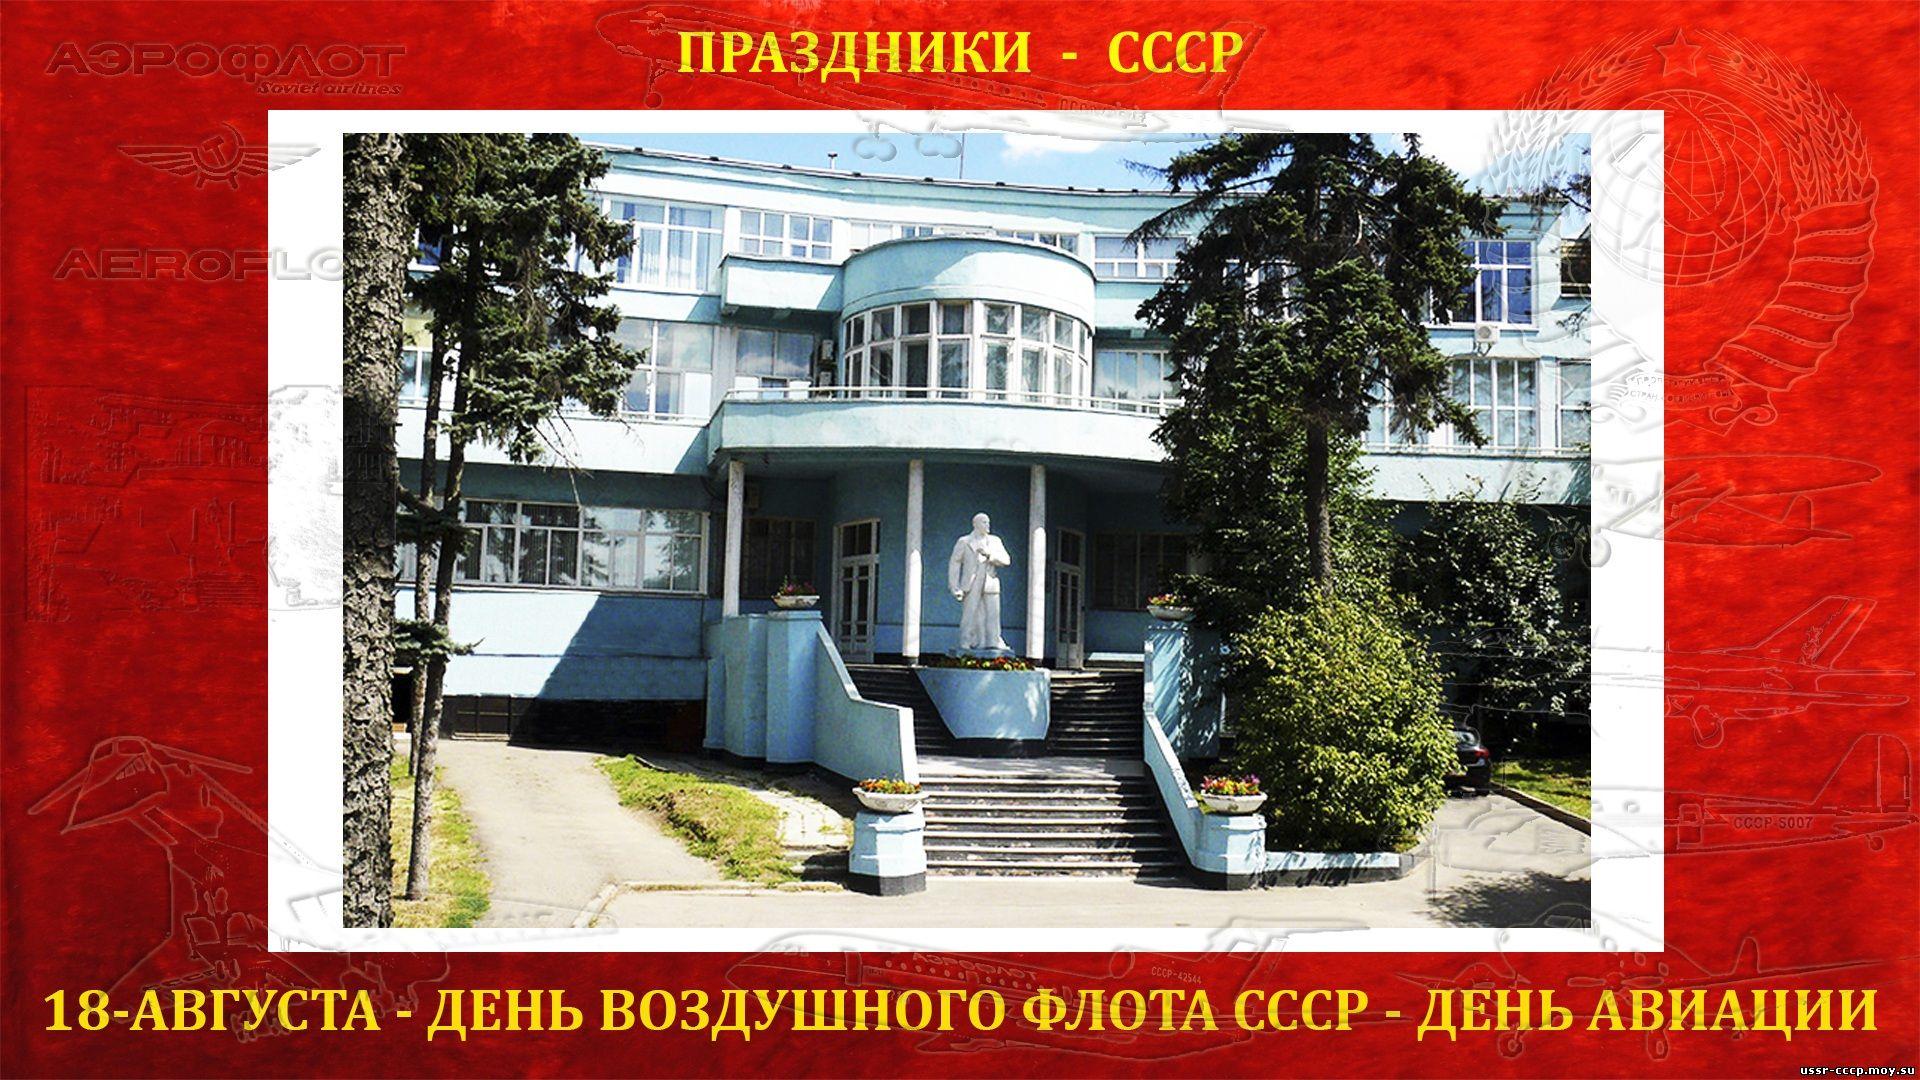 Аэроклуб имени Чкалова в Тушино (полное повествование)